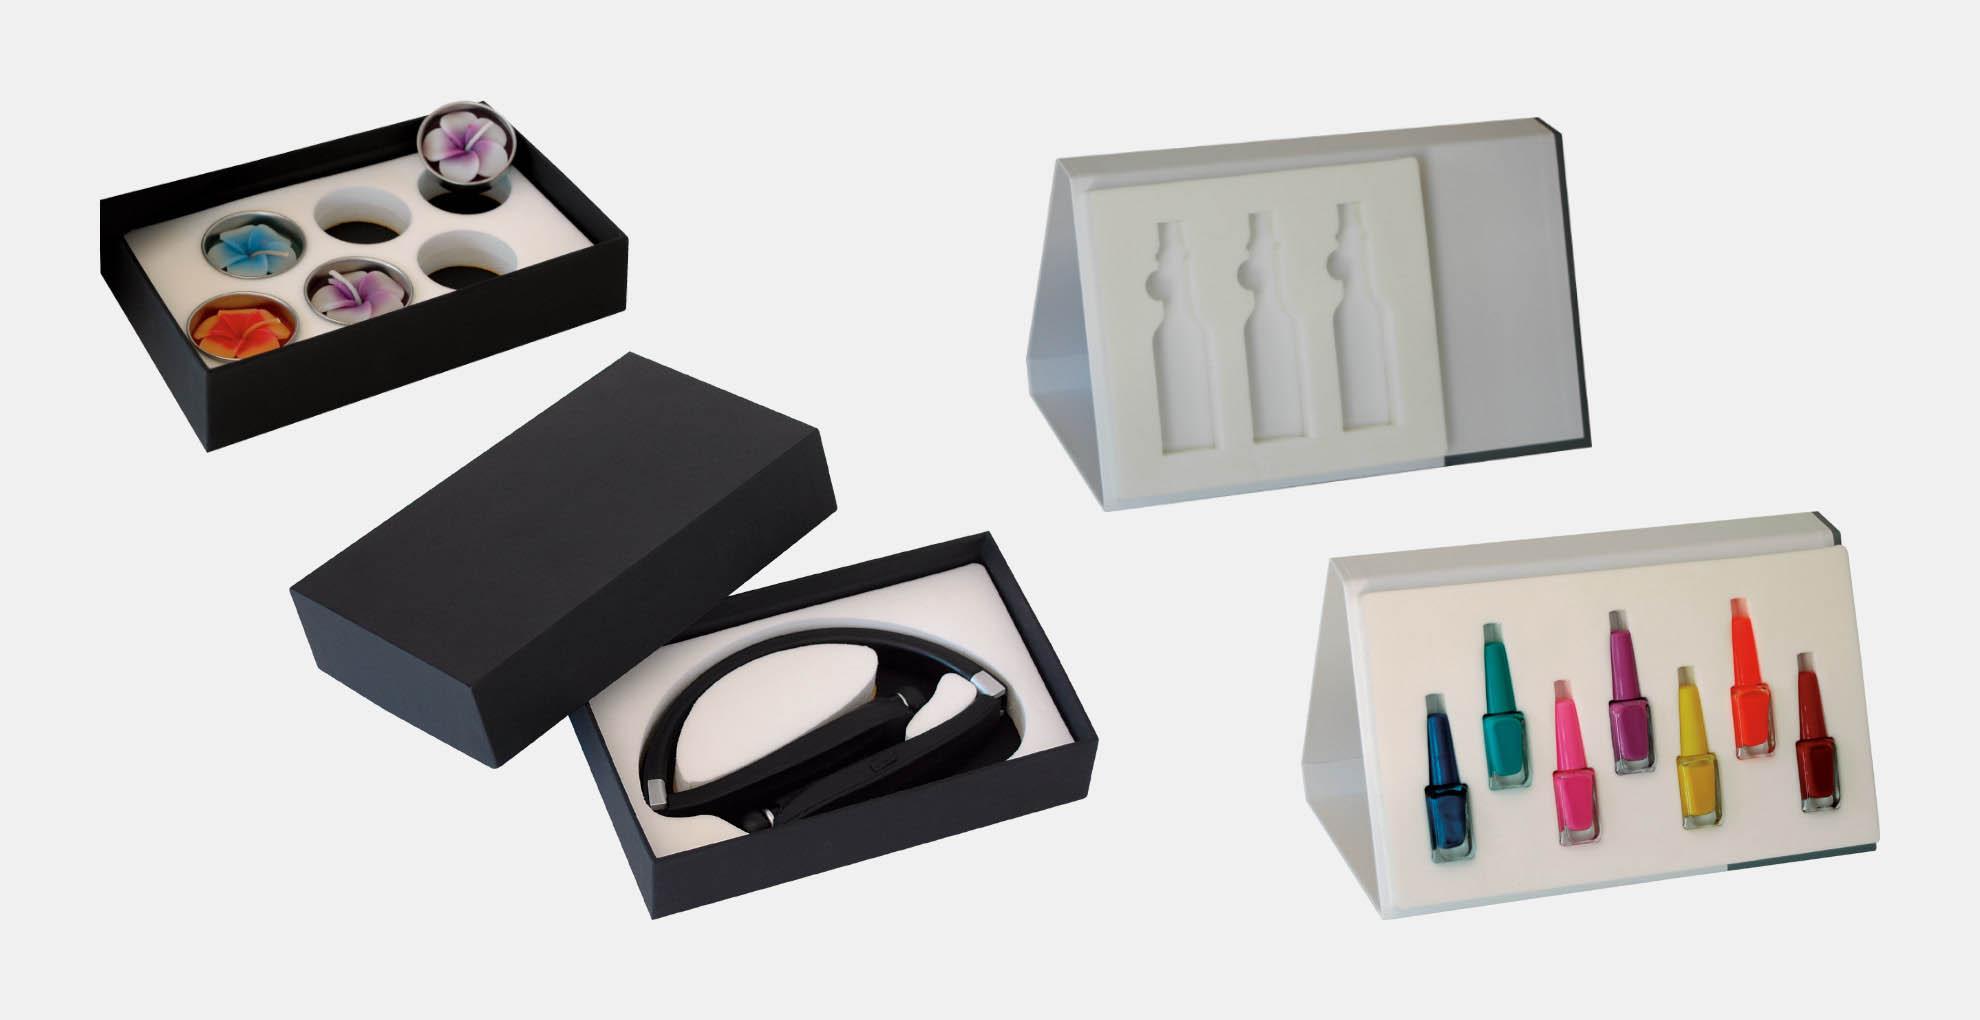 קופסא מארז דוגמאות סטנד מעמד שולחני ממותג בהתאמה אישית מקרטון קשיח דחוס עם מסגרת צורנית להצגת דוגמאות